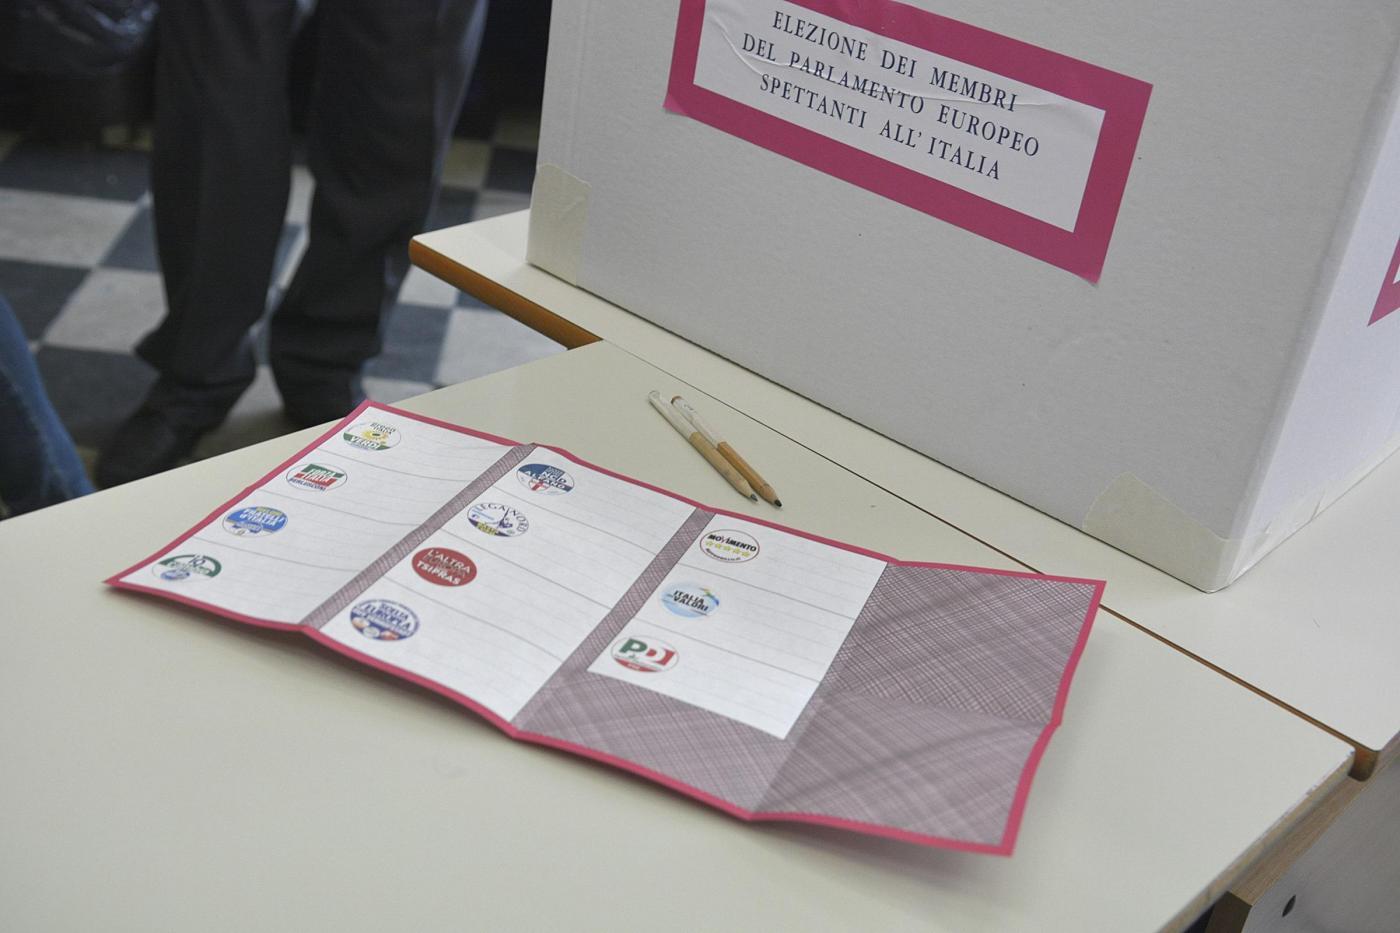 Elezioni Europee 2014, affluenza alla urne: alle 23 ha votato il 65,21%